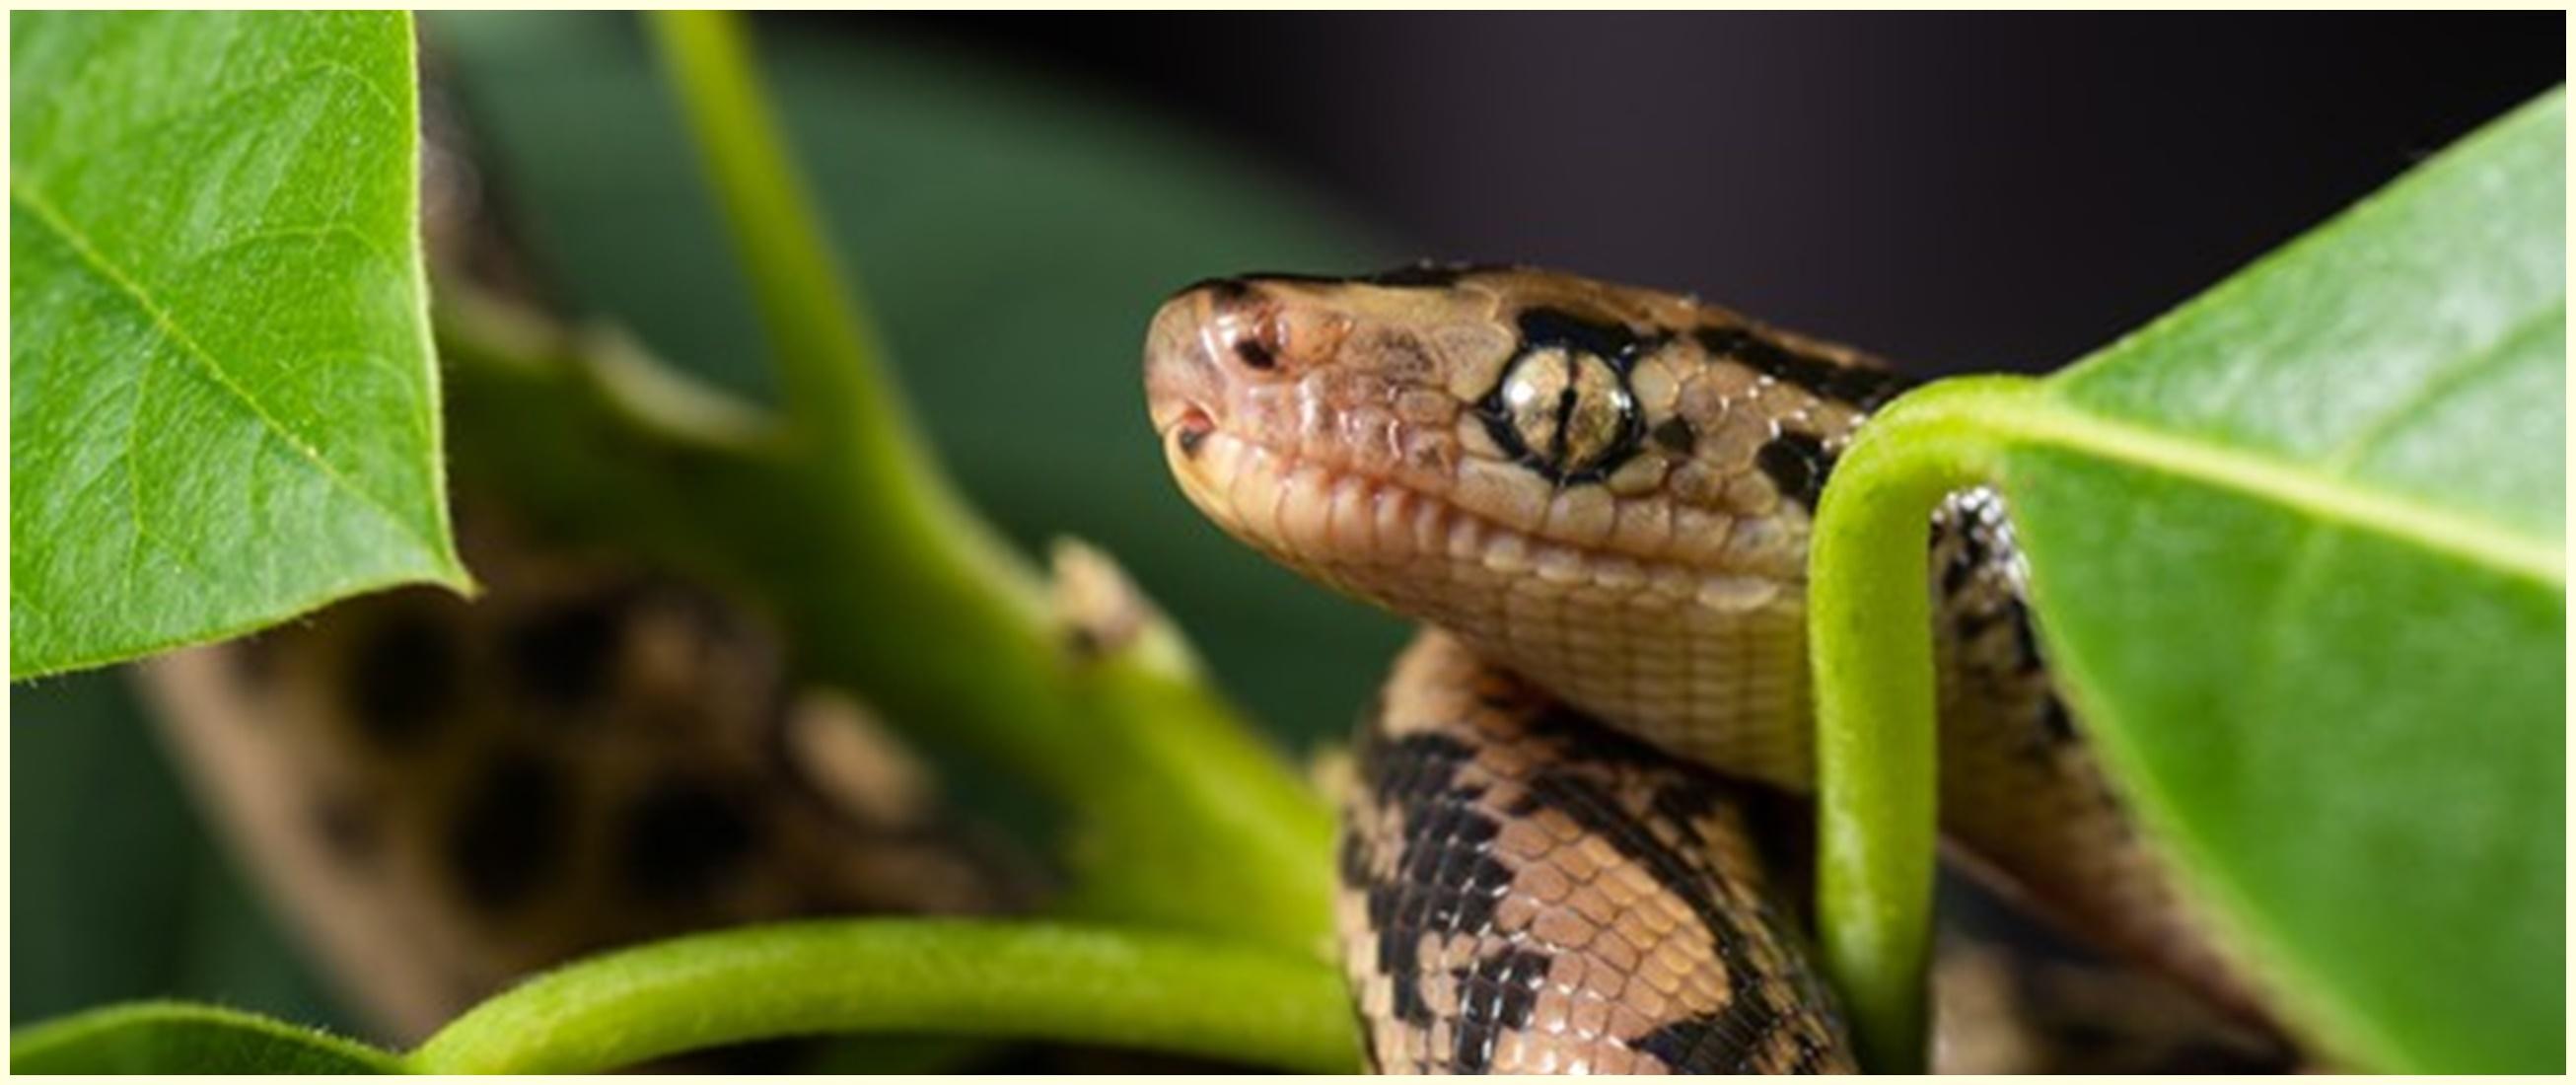 9 Tanaman pengusir ular paling ampuh, ada lidah mertua sampai lavender